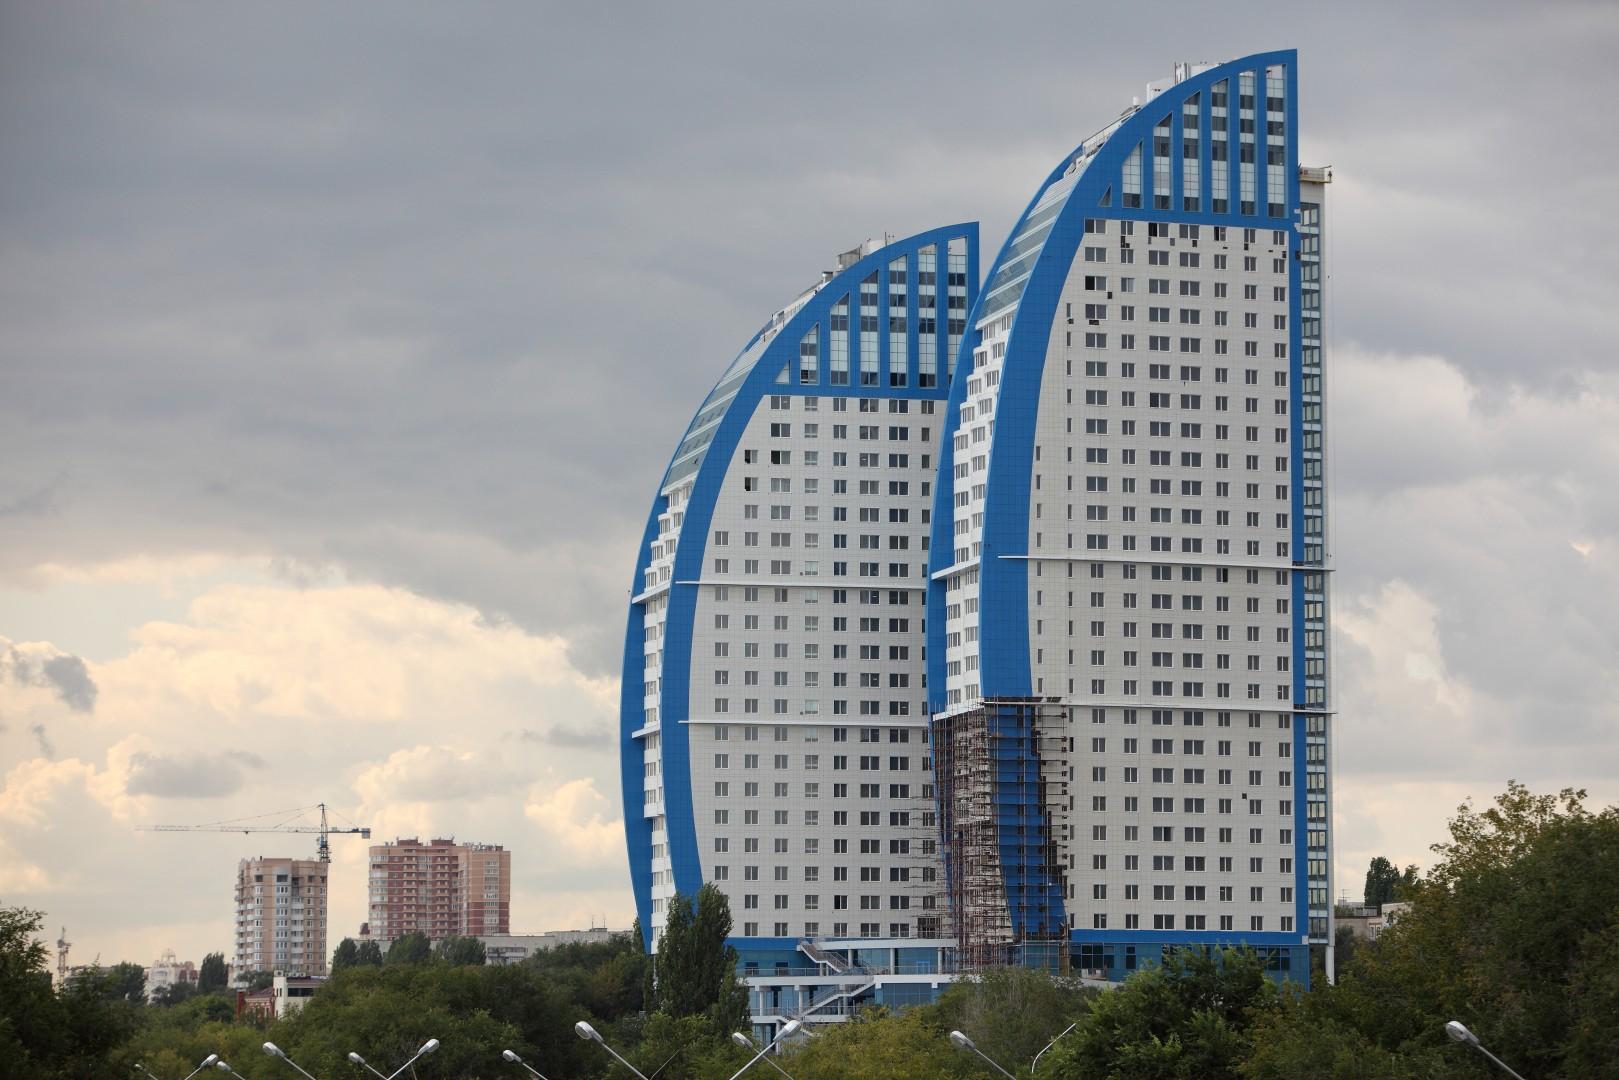 Цена на памятники волгограда цены у самого моря Ковров фото на памятник воронеж